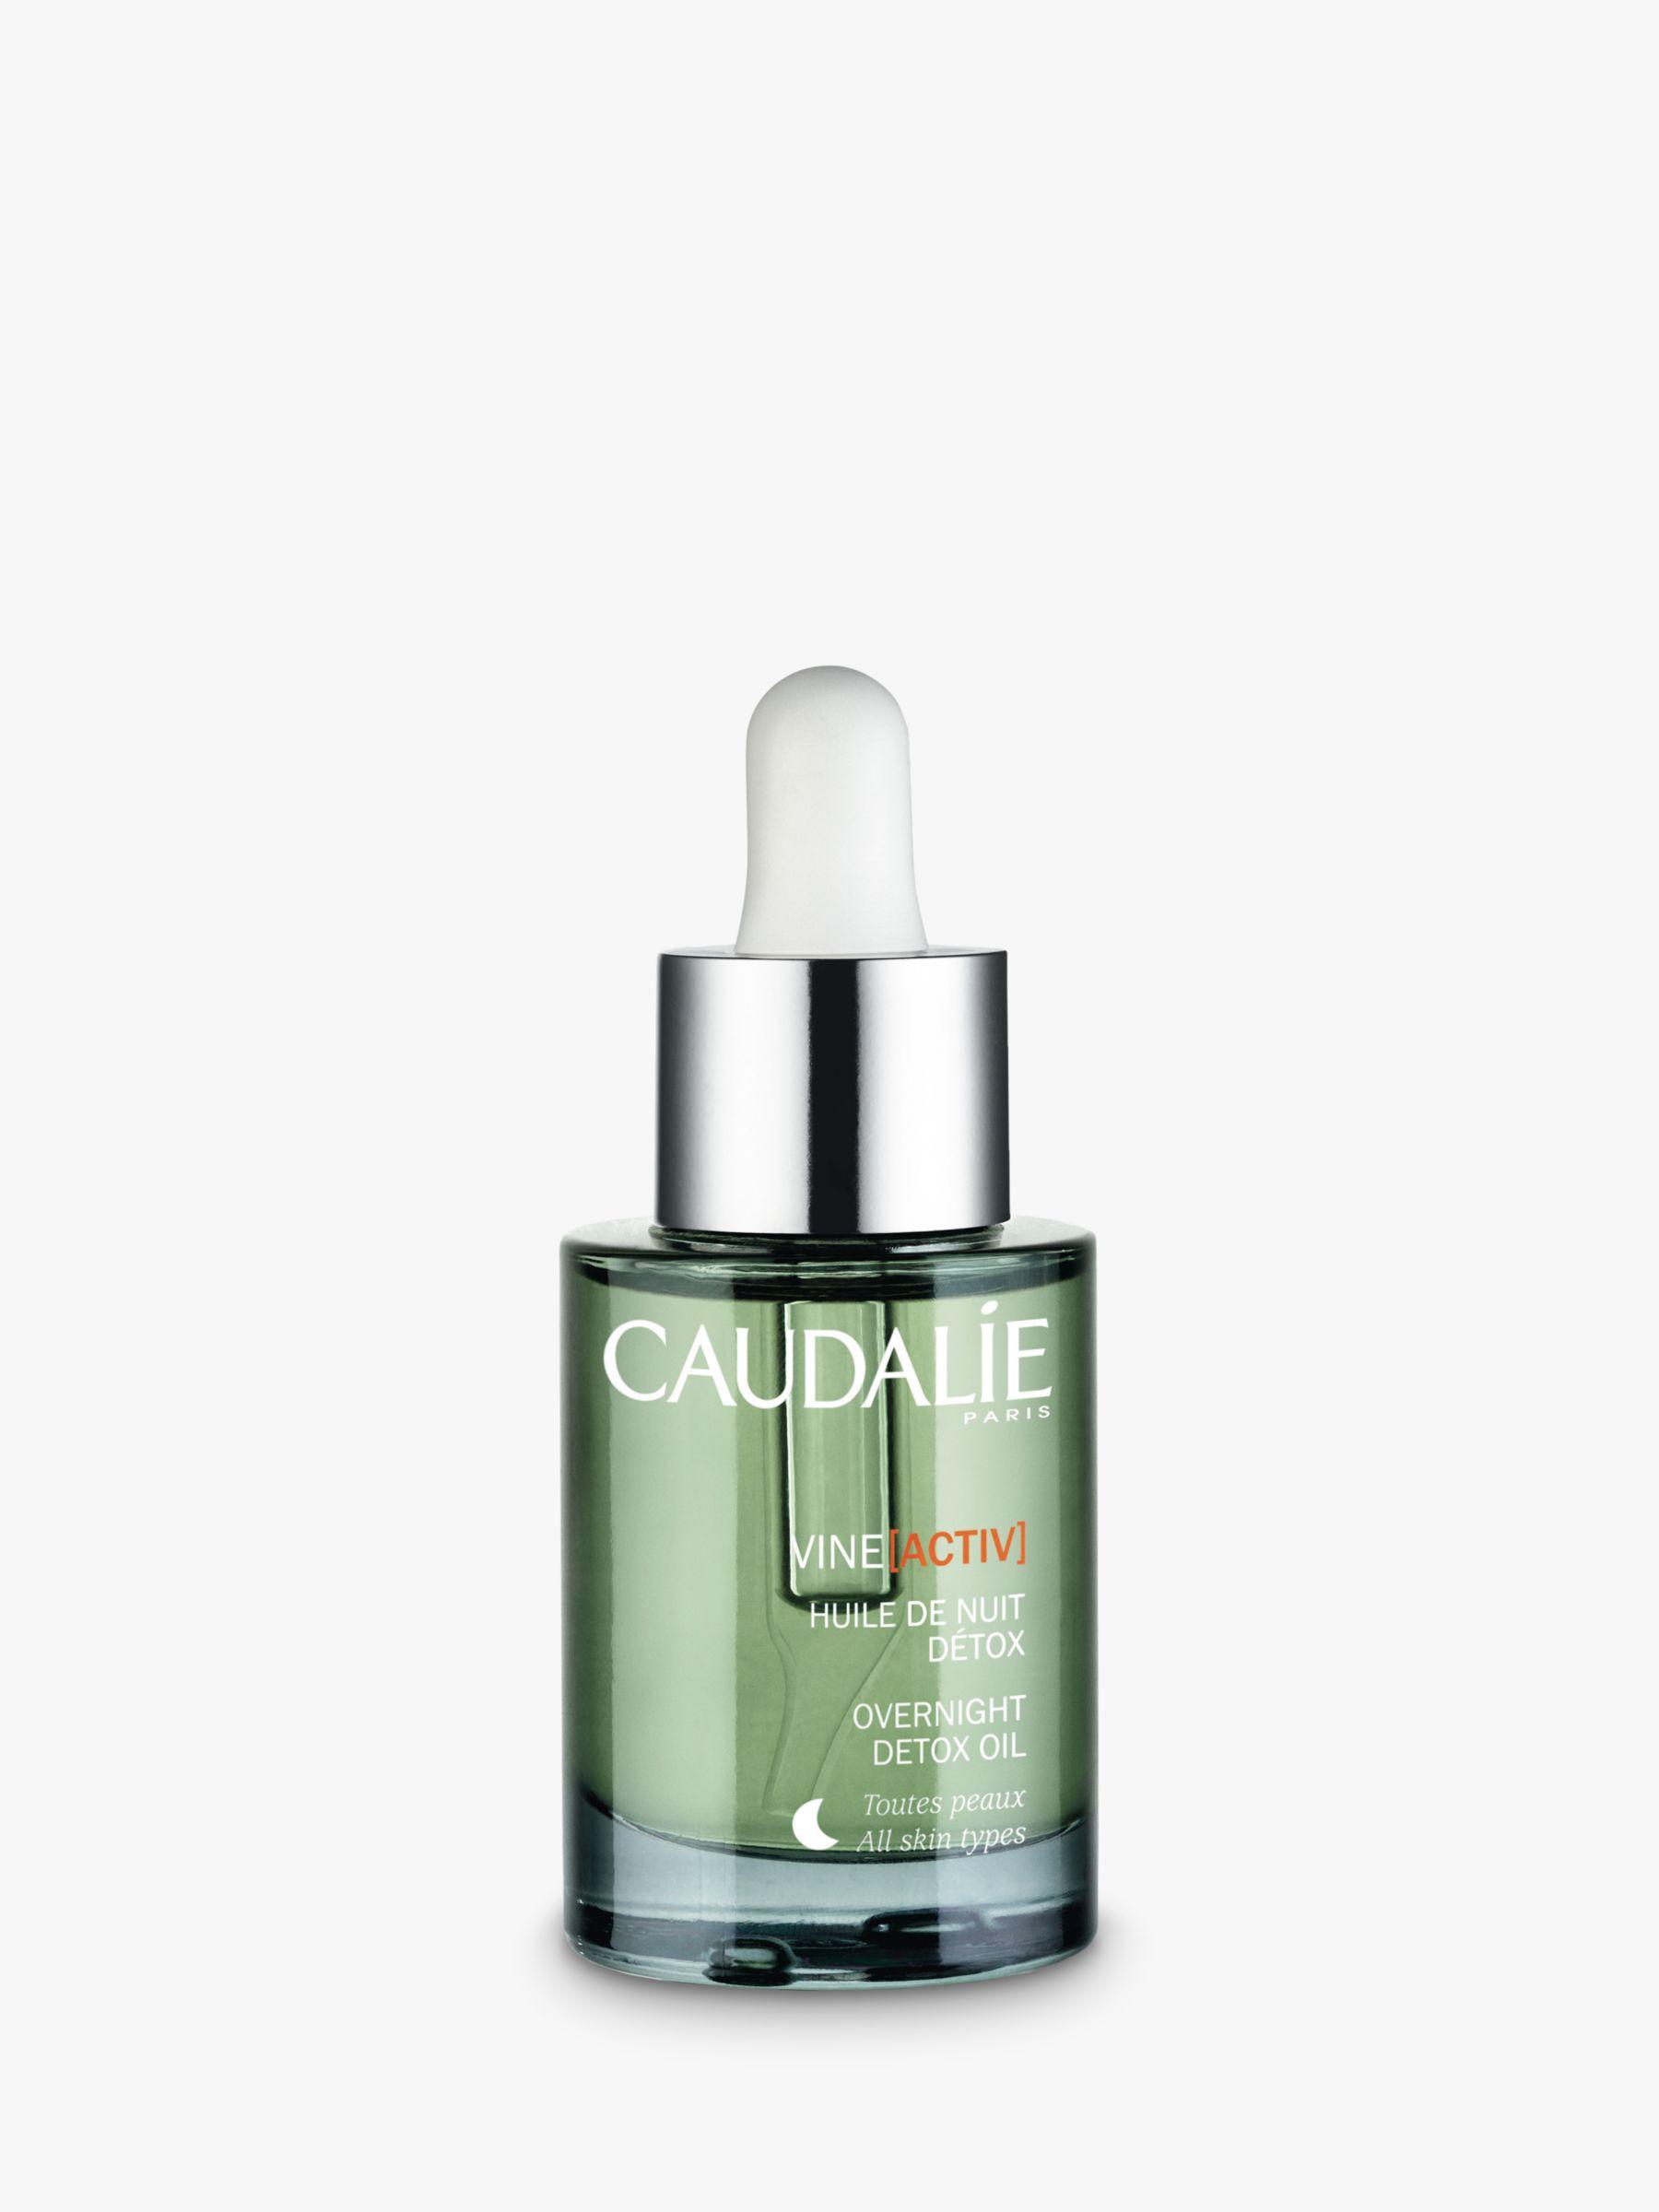 Caudalie Caudalie Vine Activ Overnight Detox Oil, 30ml